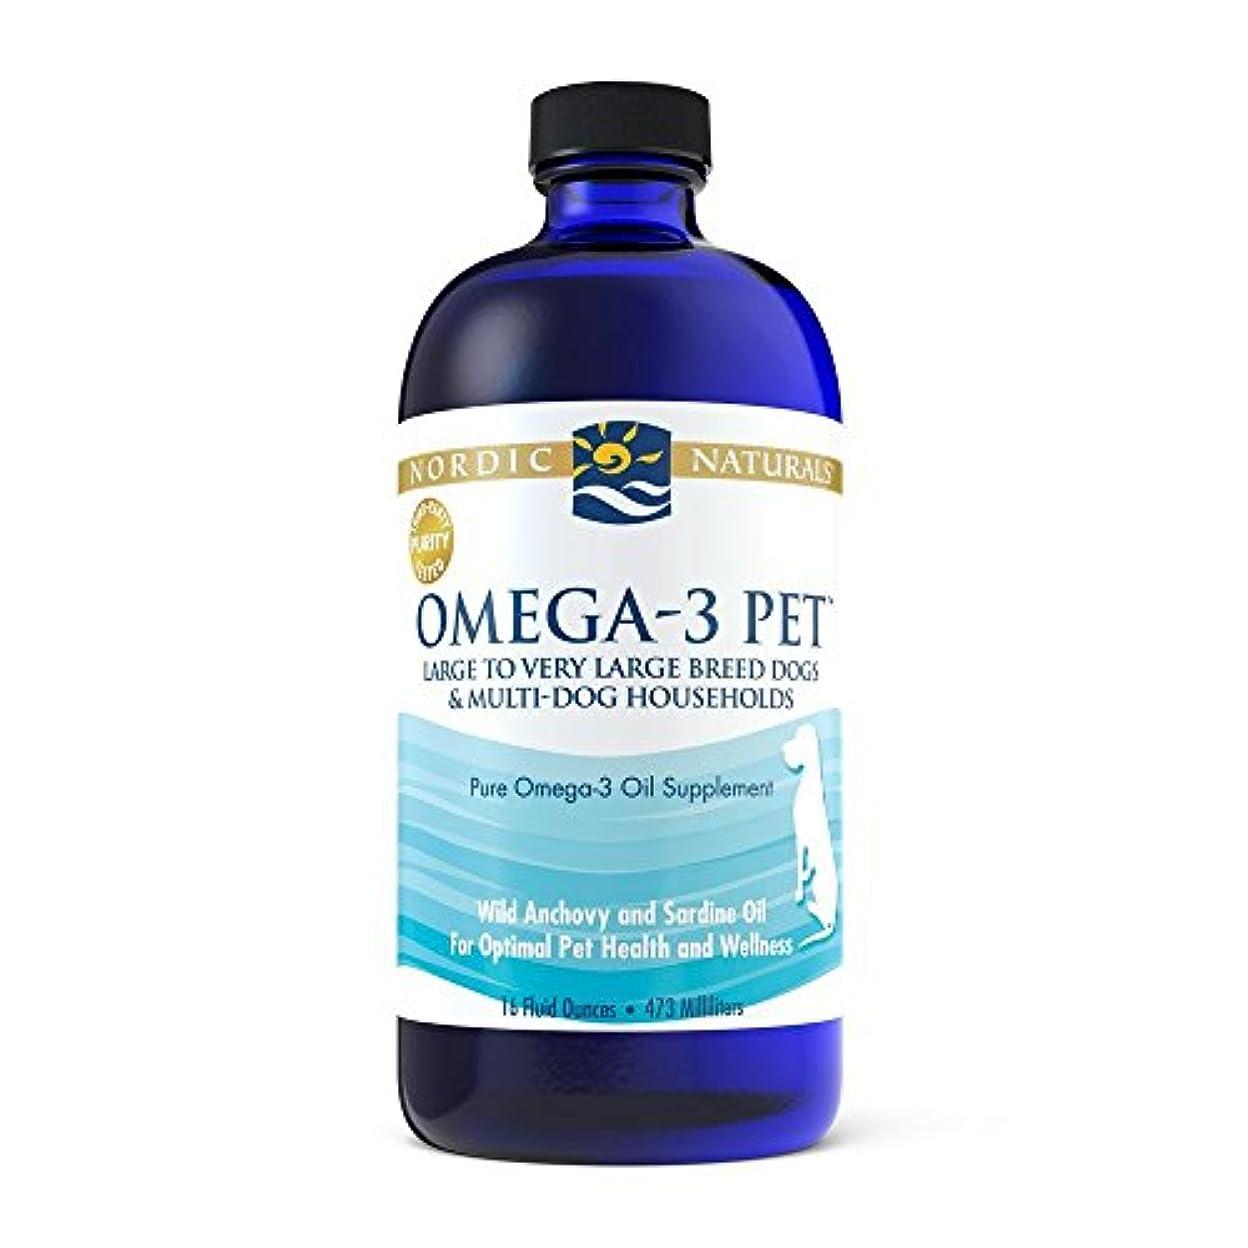 屈辱するくちばし剪断Nordic Naturals Fish Oil OMEGA-3 Essential Fatty Acid for Dogs + Cats 16 oz 海外直送品